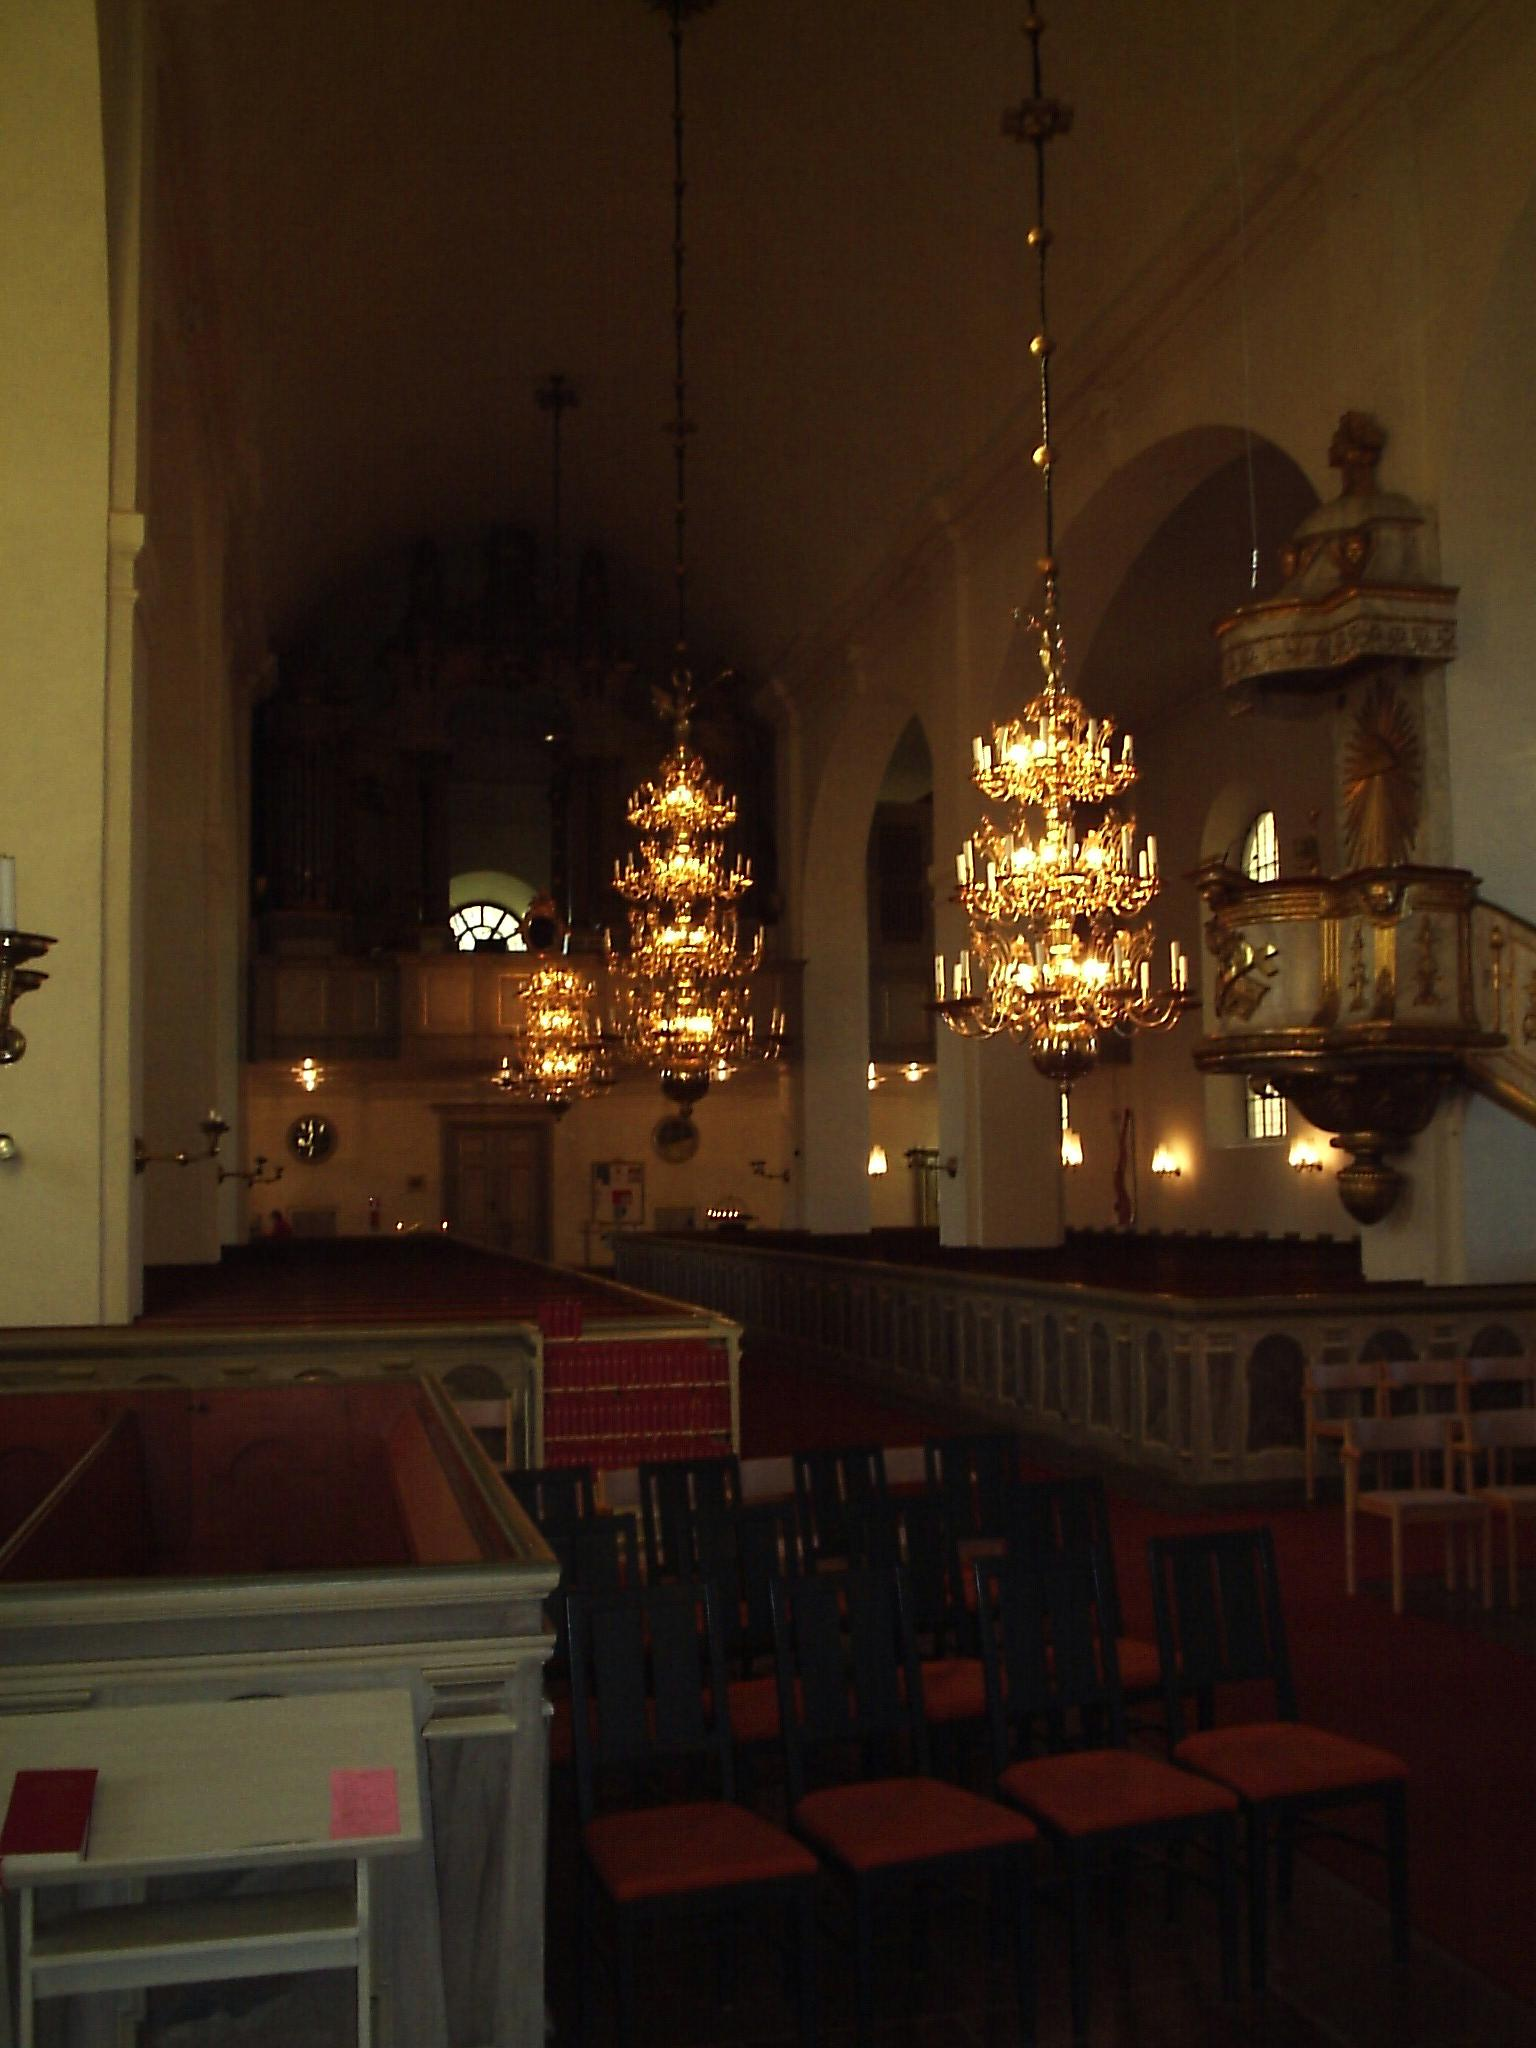 Fil:Sankt Olai kyrka i Norrkping, sedd frn - Wikipedia